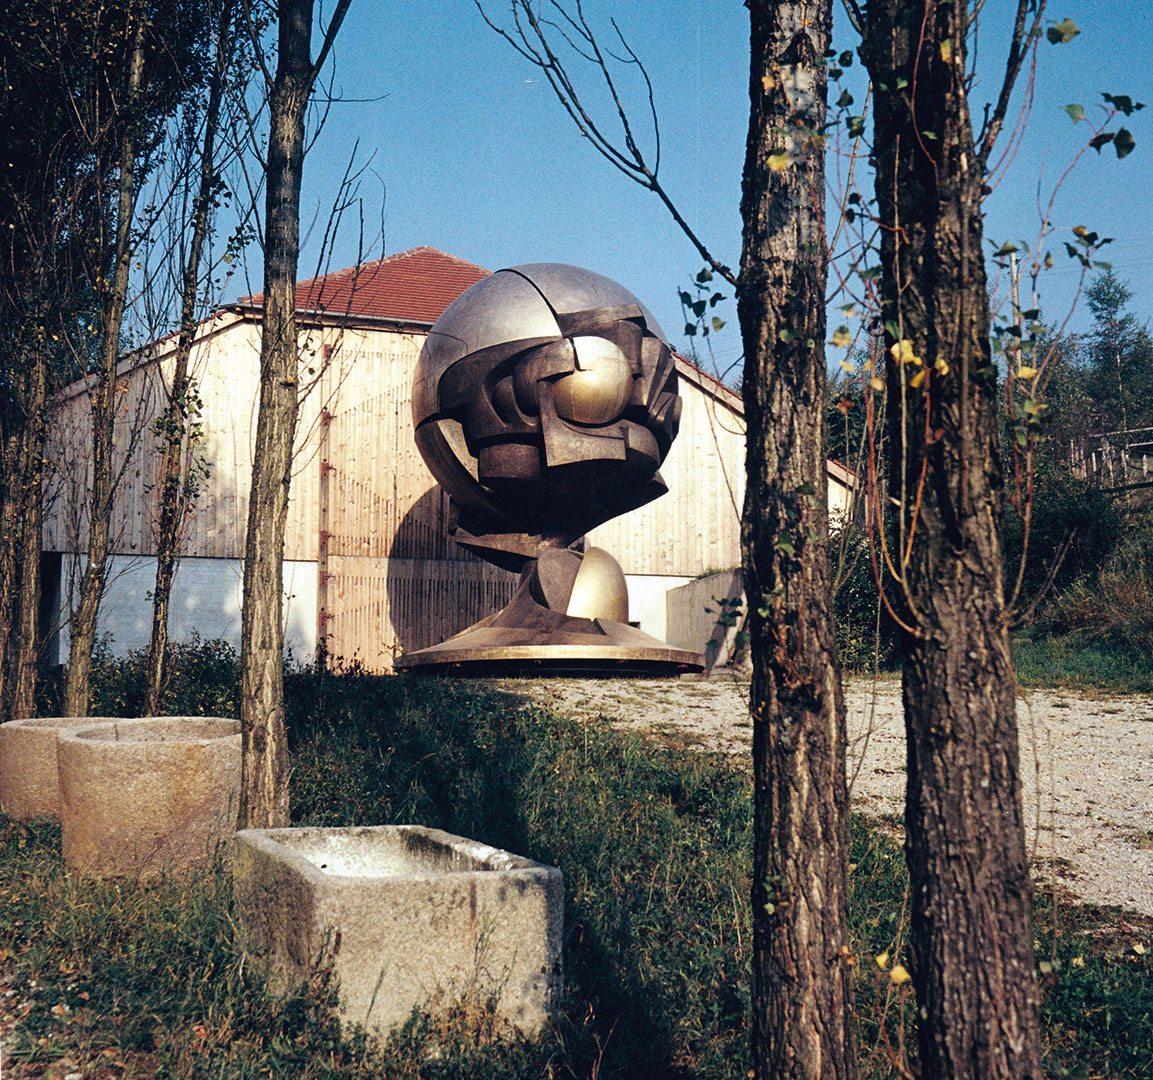 Entstanden ist die Große Kugelkaryatide, die in den USA »The Sphere« genannt wird, in der Kugelhalle.